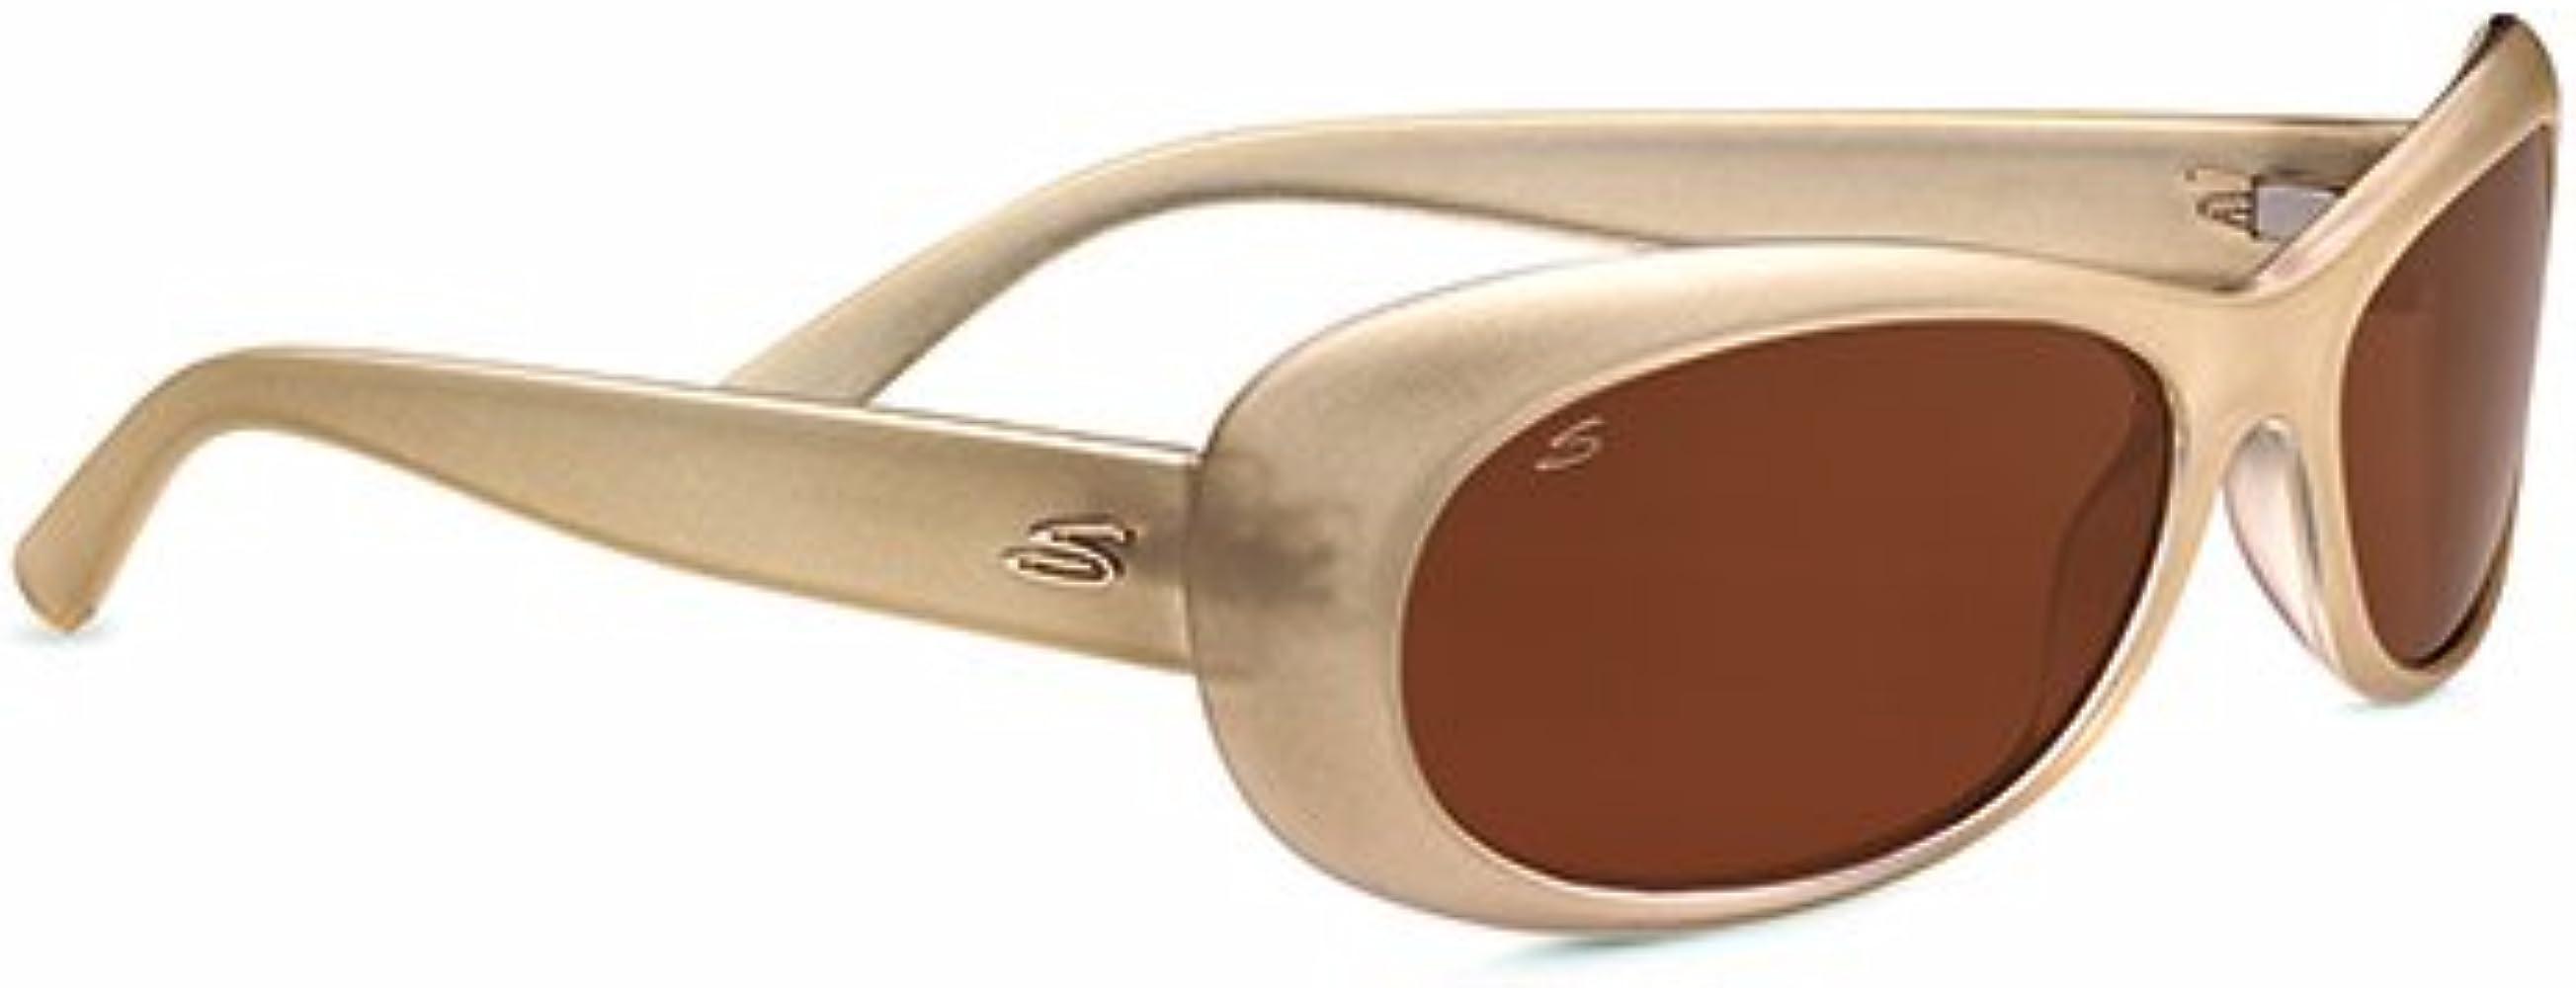 Serengeti Bella - Gafas de sol polarizadas, color beige: Amazon.es ...